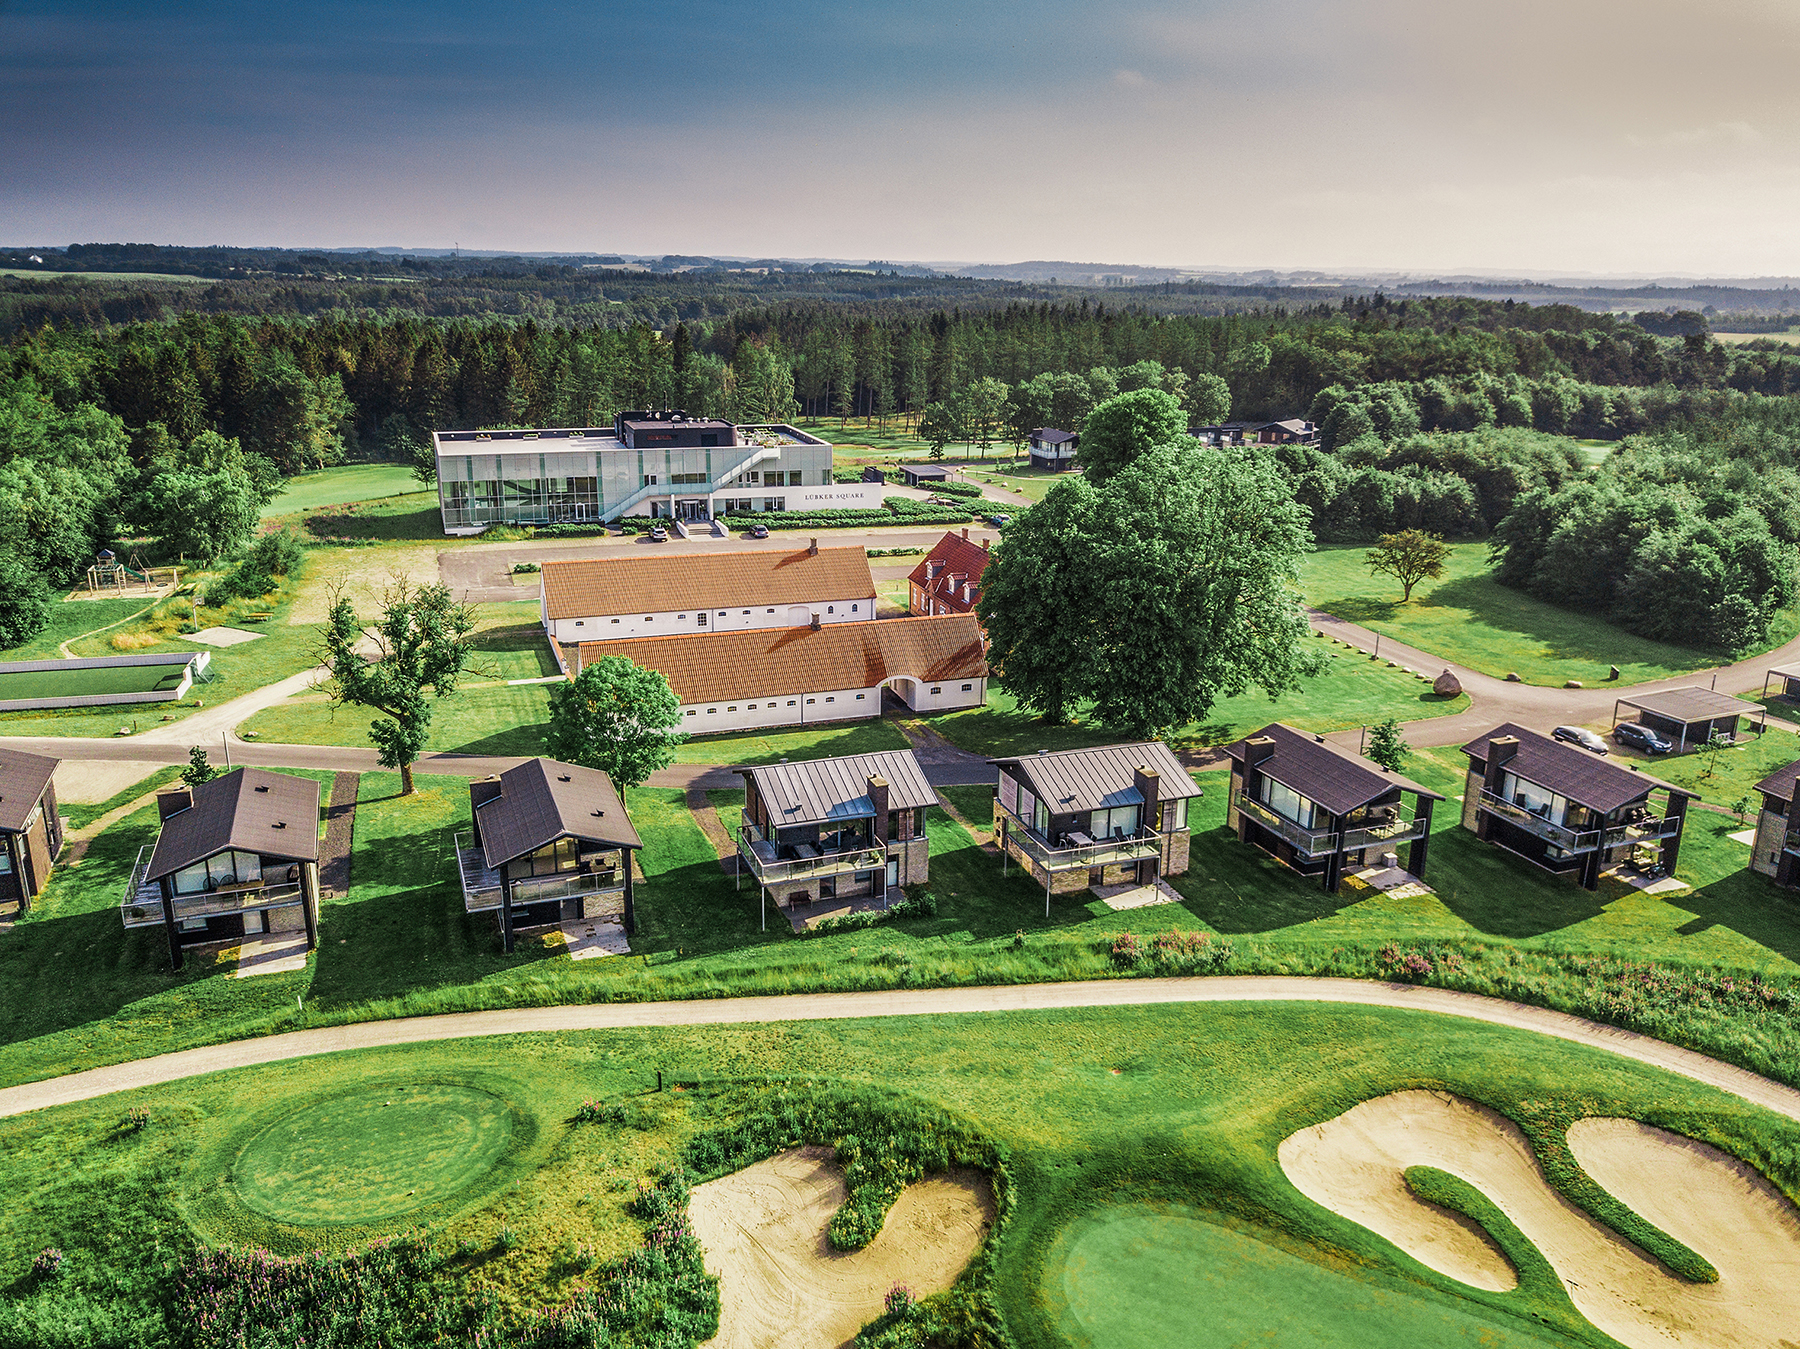 Lübker Golf Resort skal udvides med eget hotel ligesom der kommer flere ferieboliger og en større spa. Arkivpressefoto: Lübker Golf Resort.